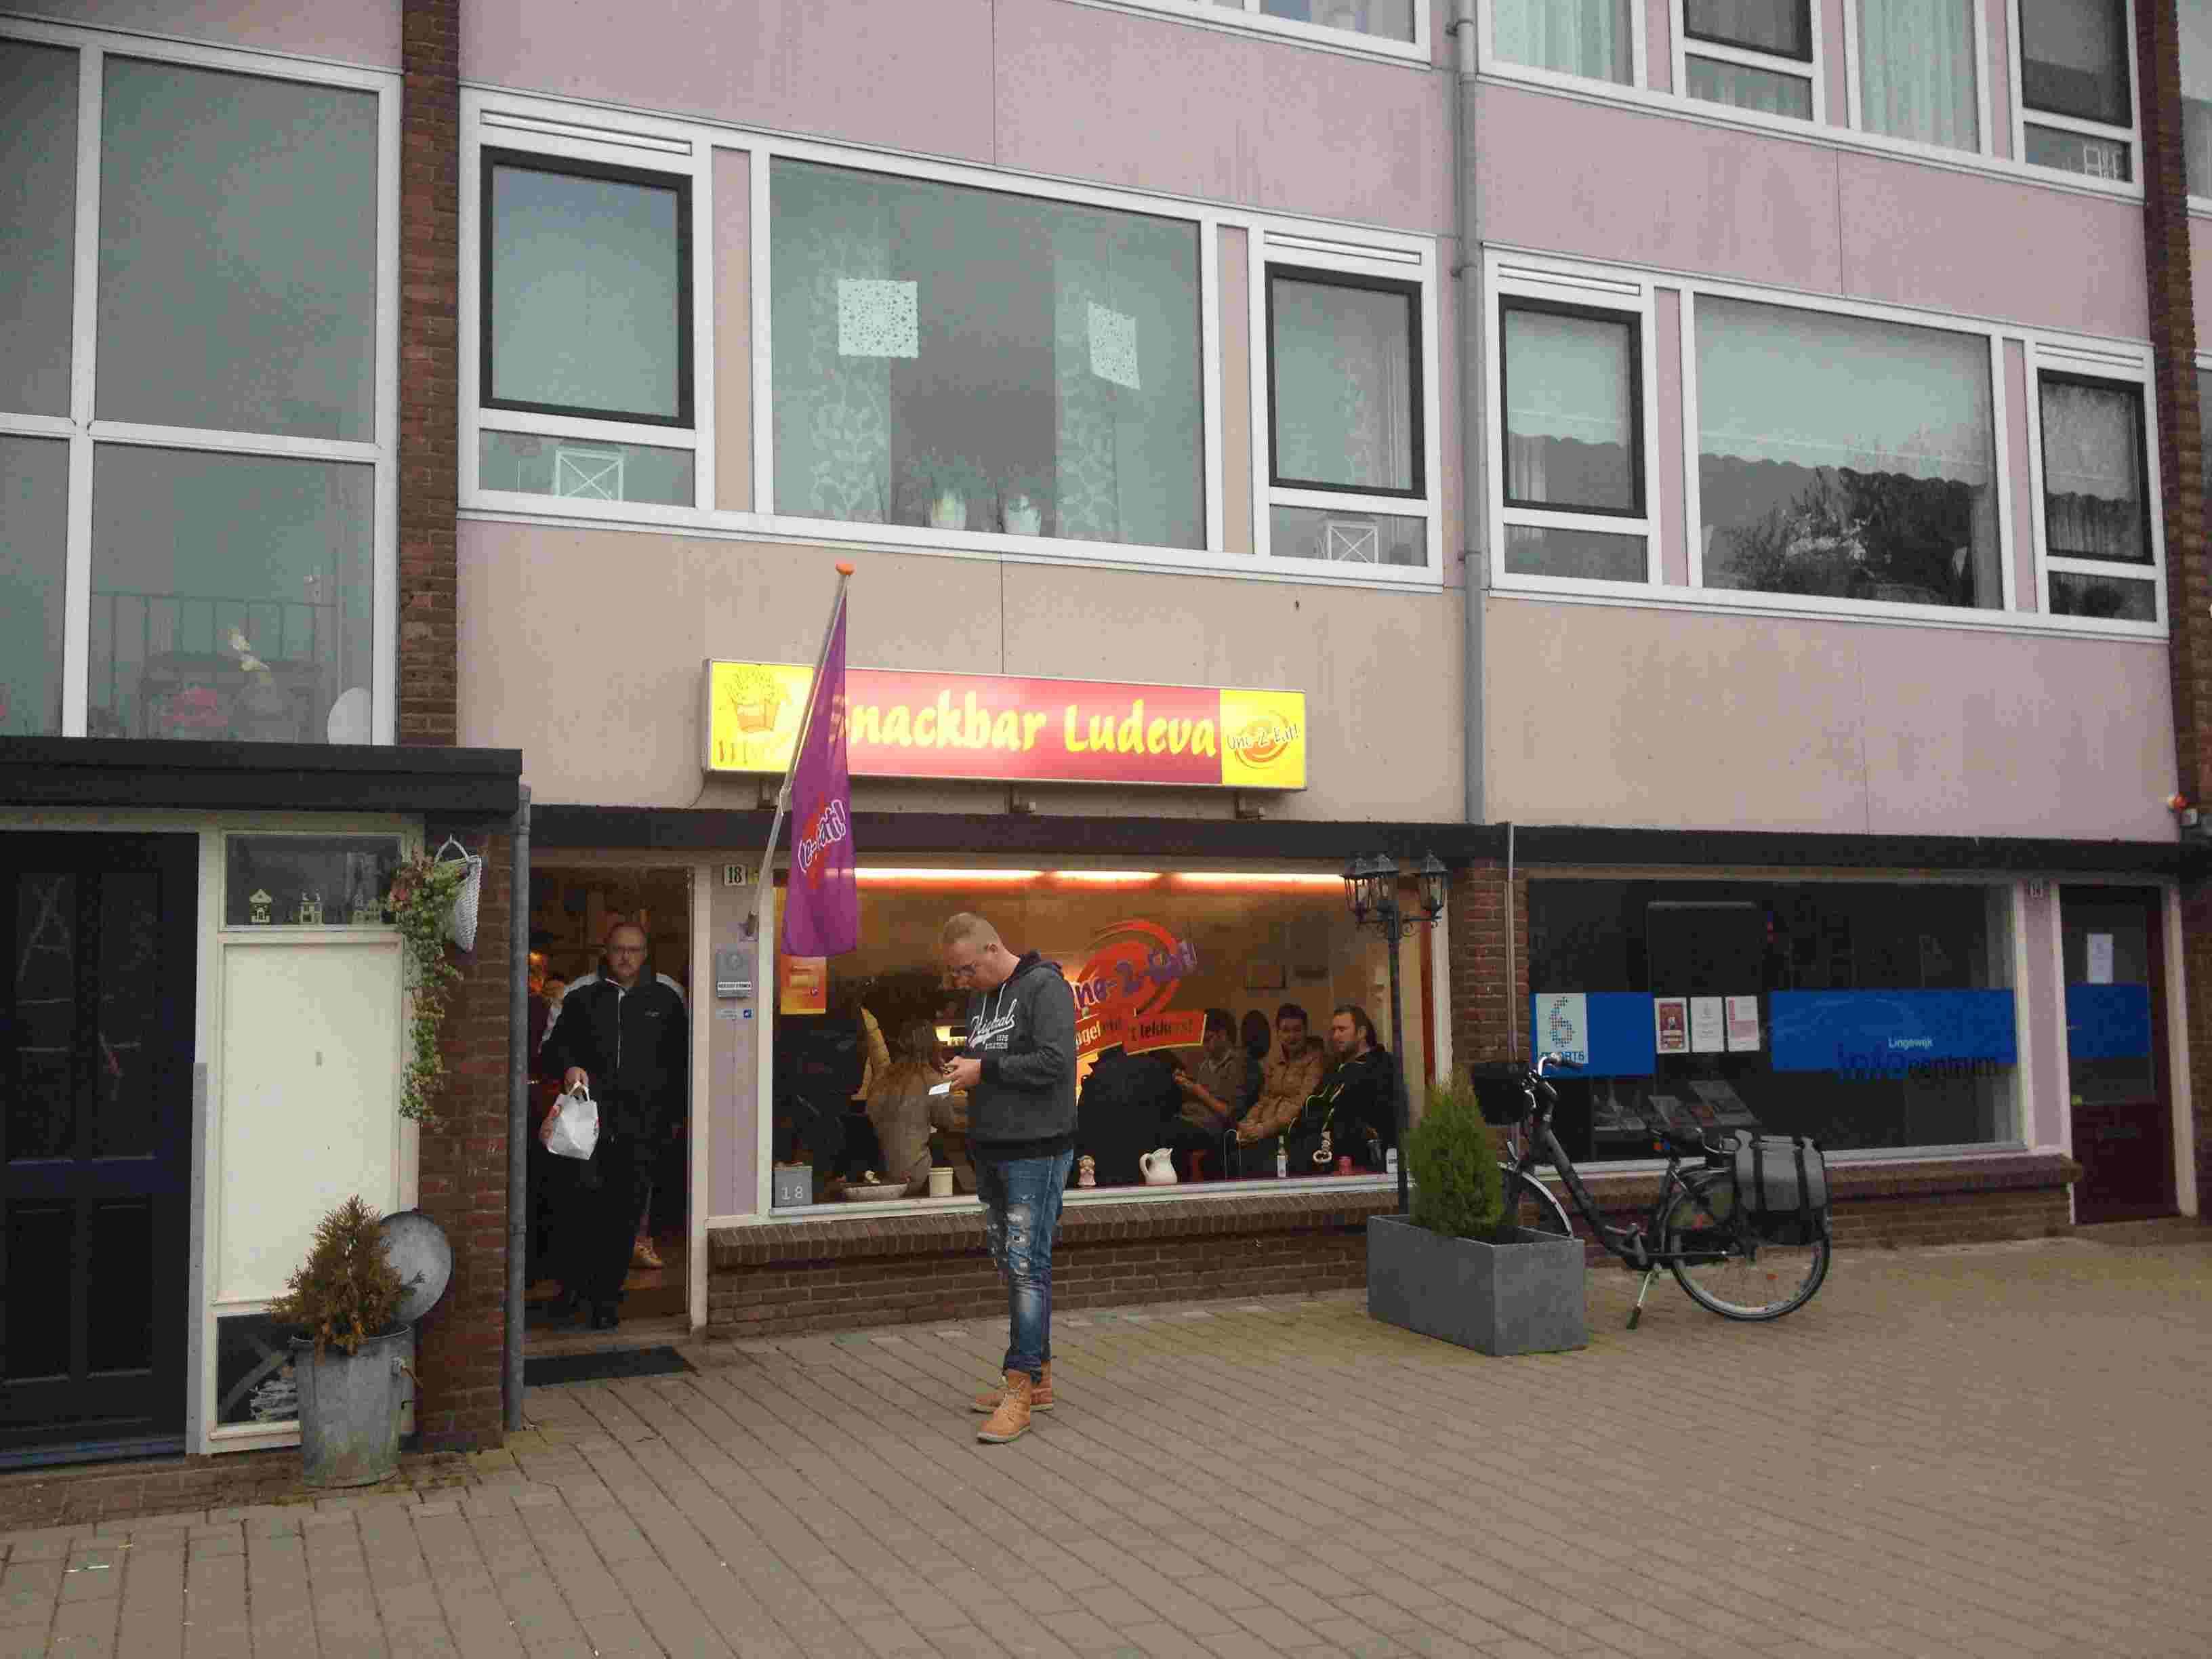 Snackbar Ludeva